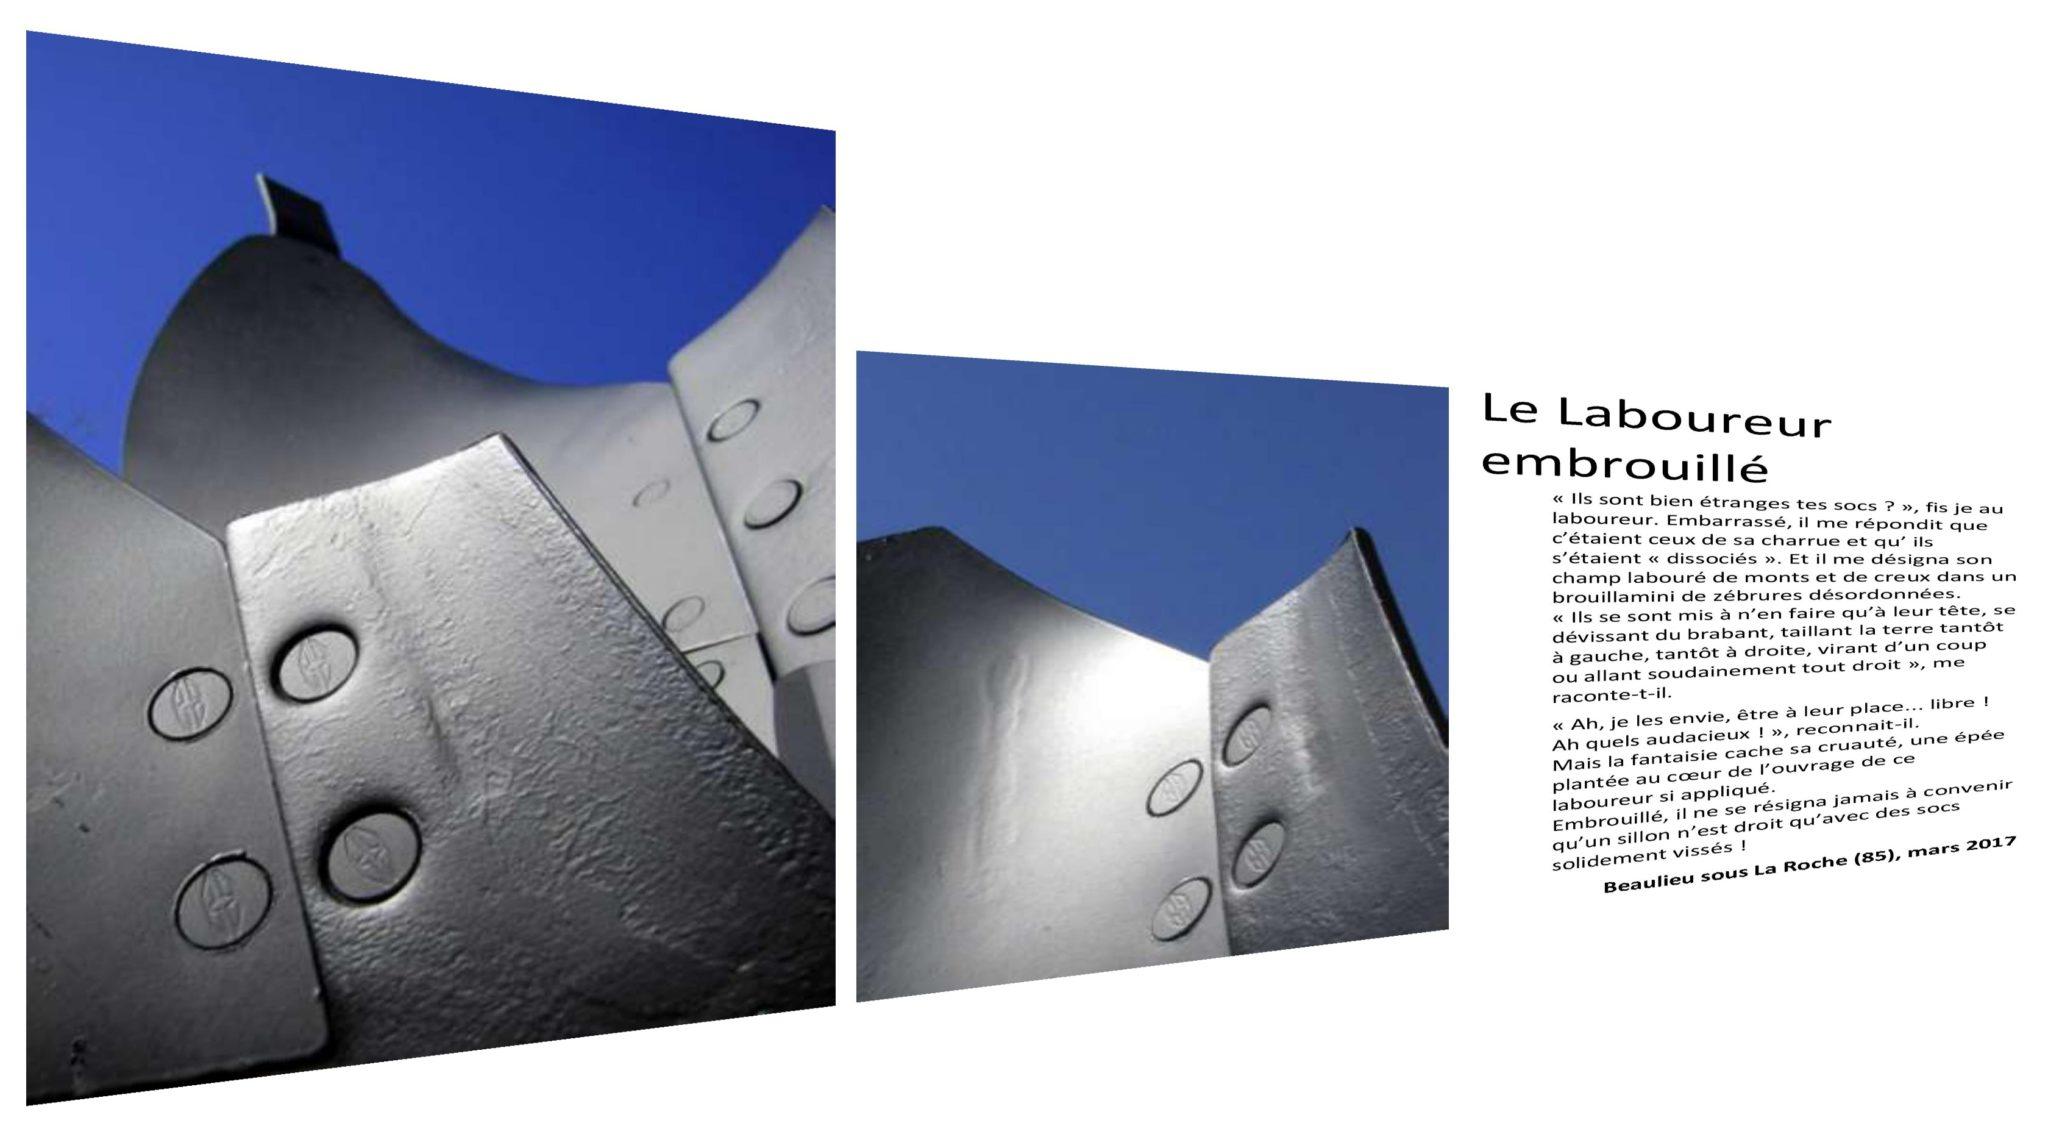 (c) Jean-Michel Pouzet